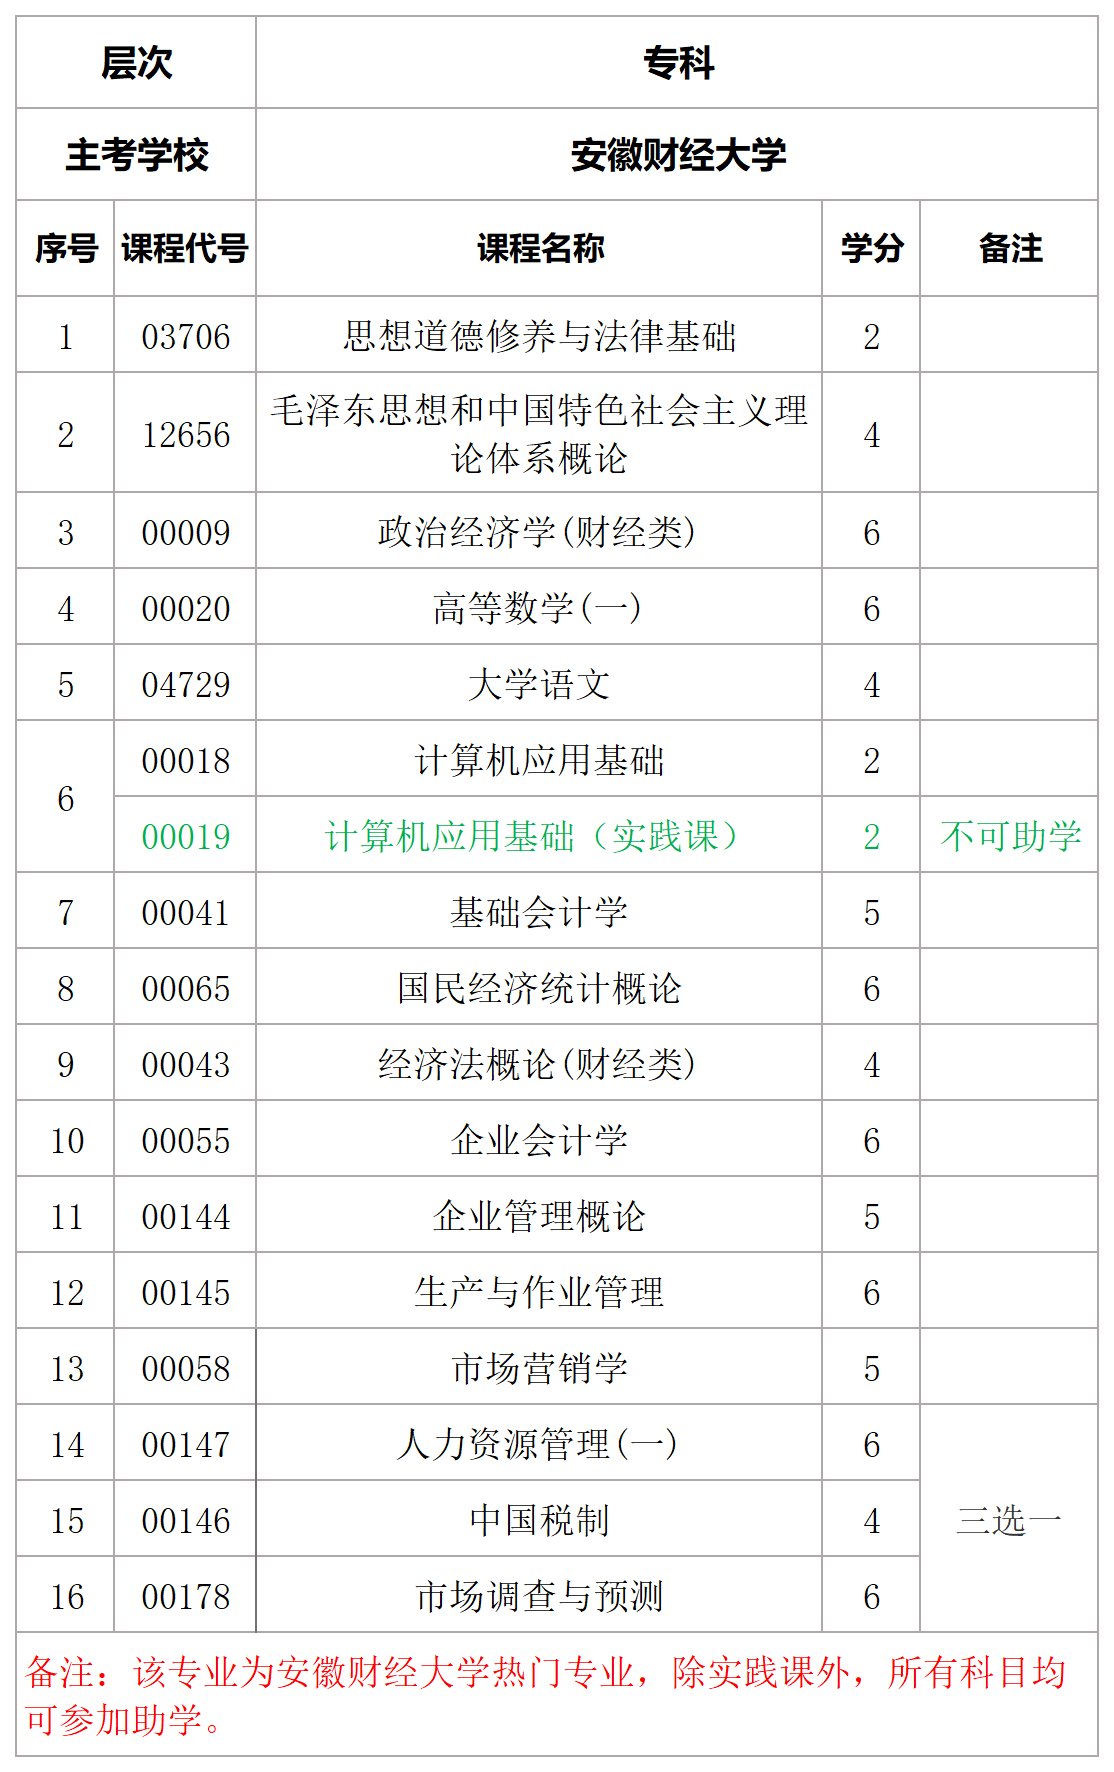 安徽财经大学工商企业管理专业表